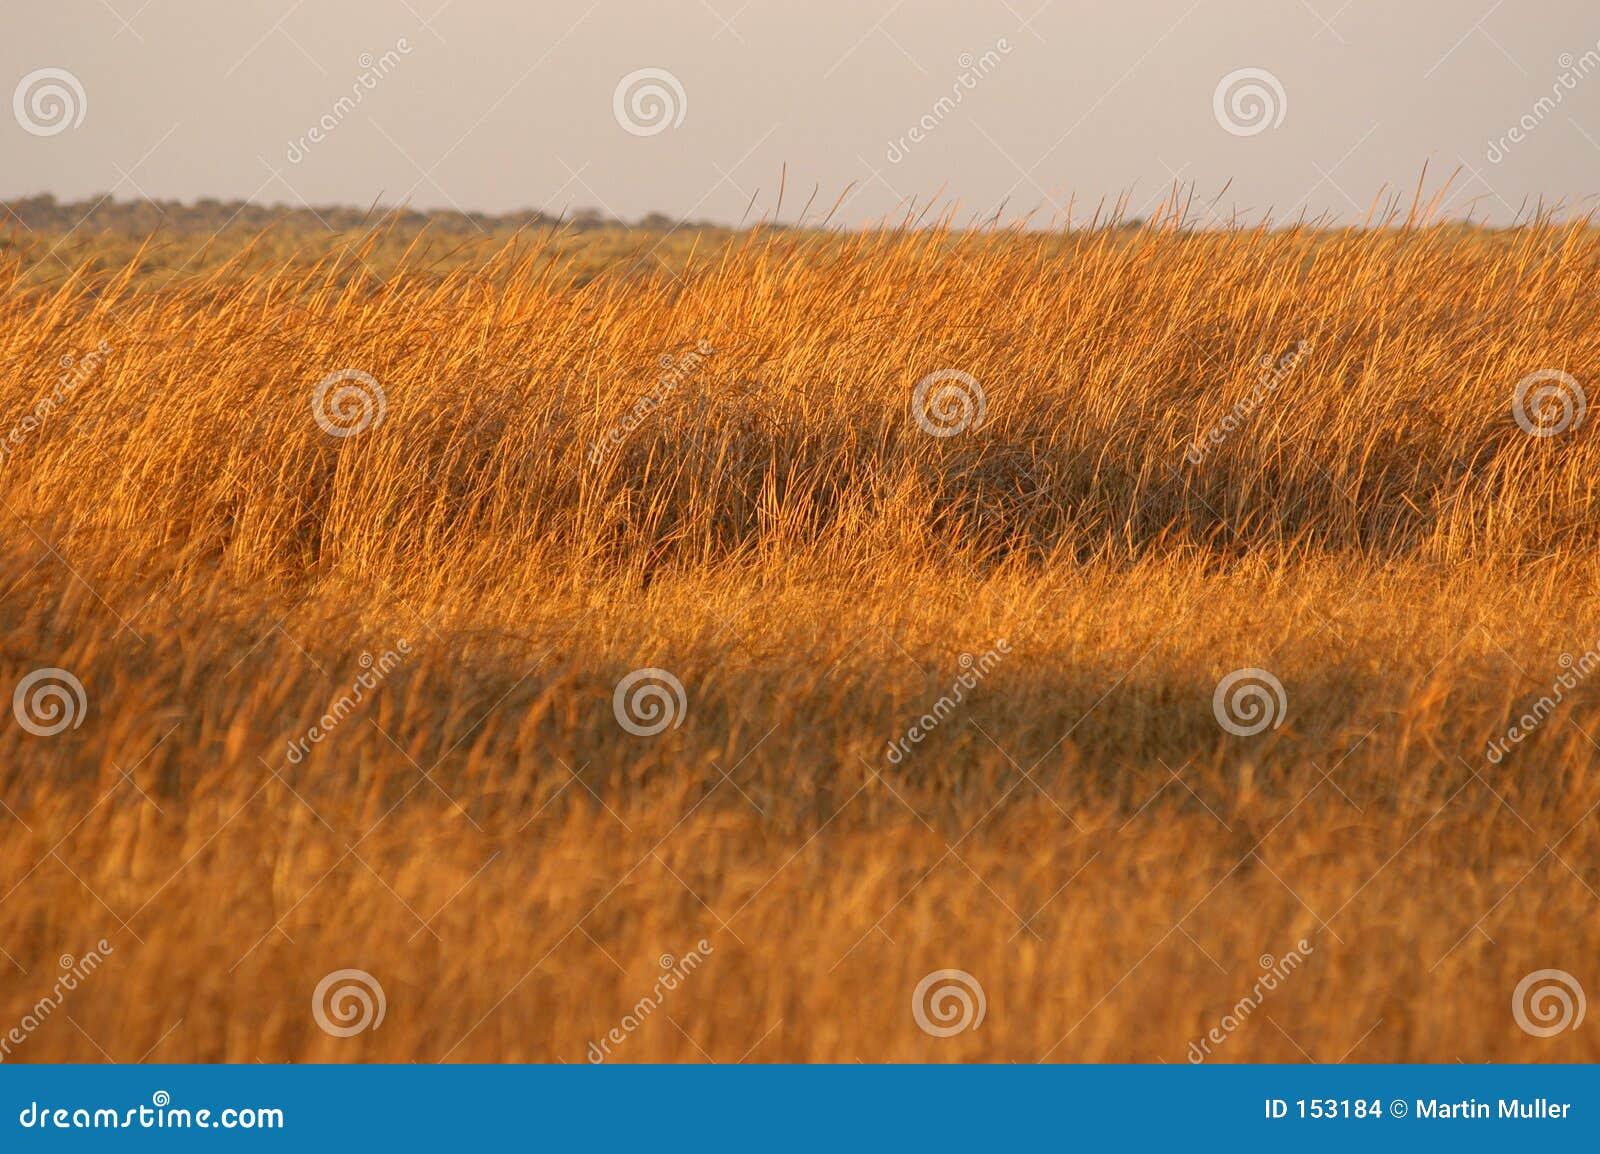 Golden Grass 01